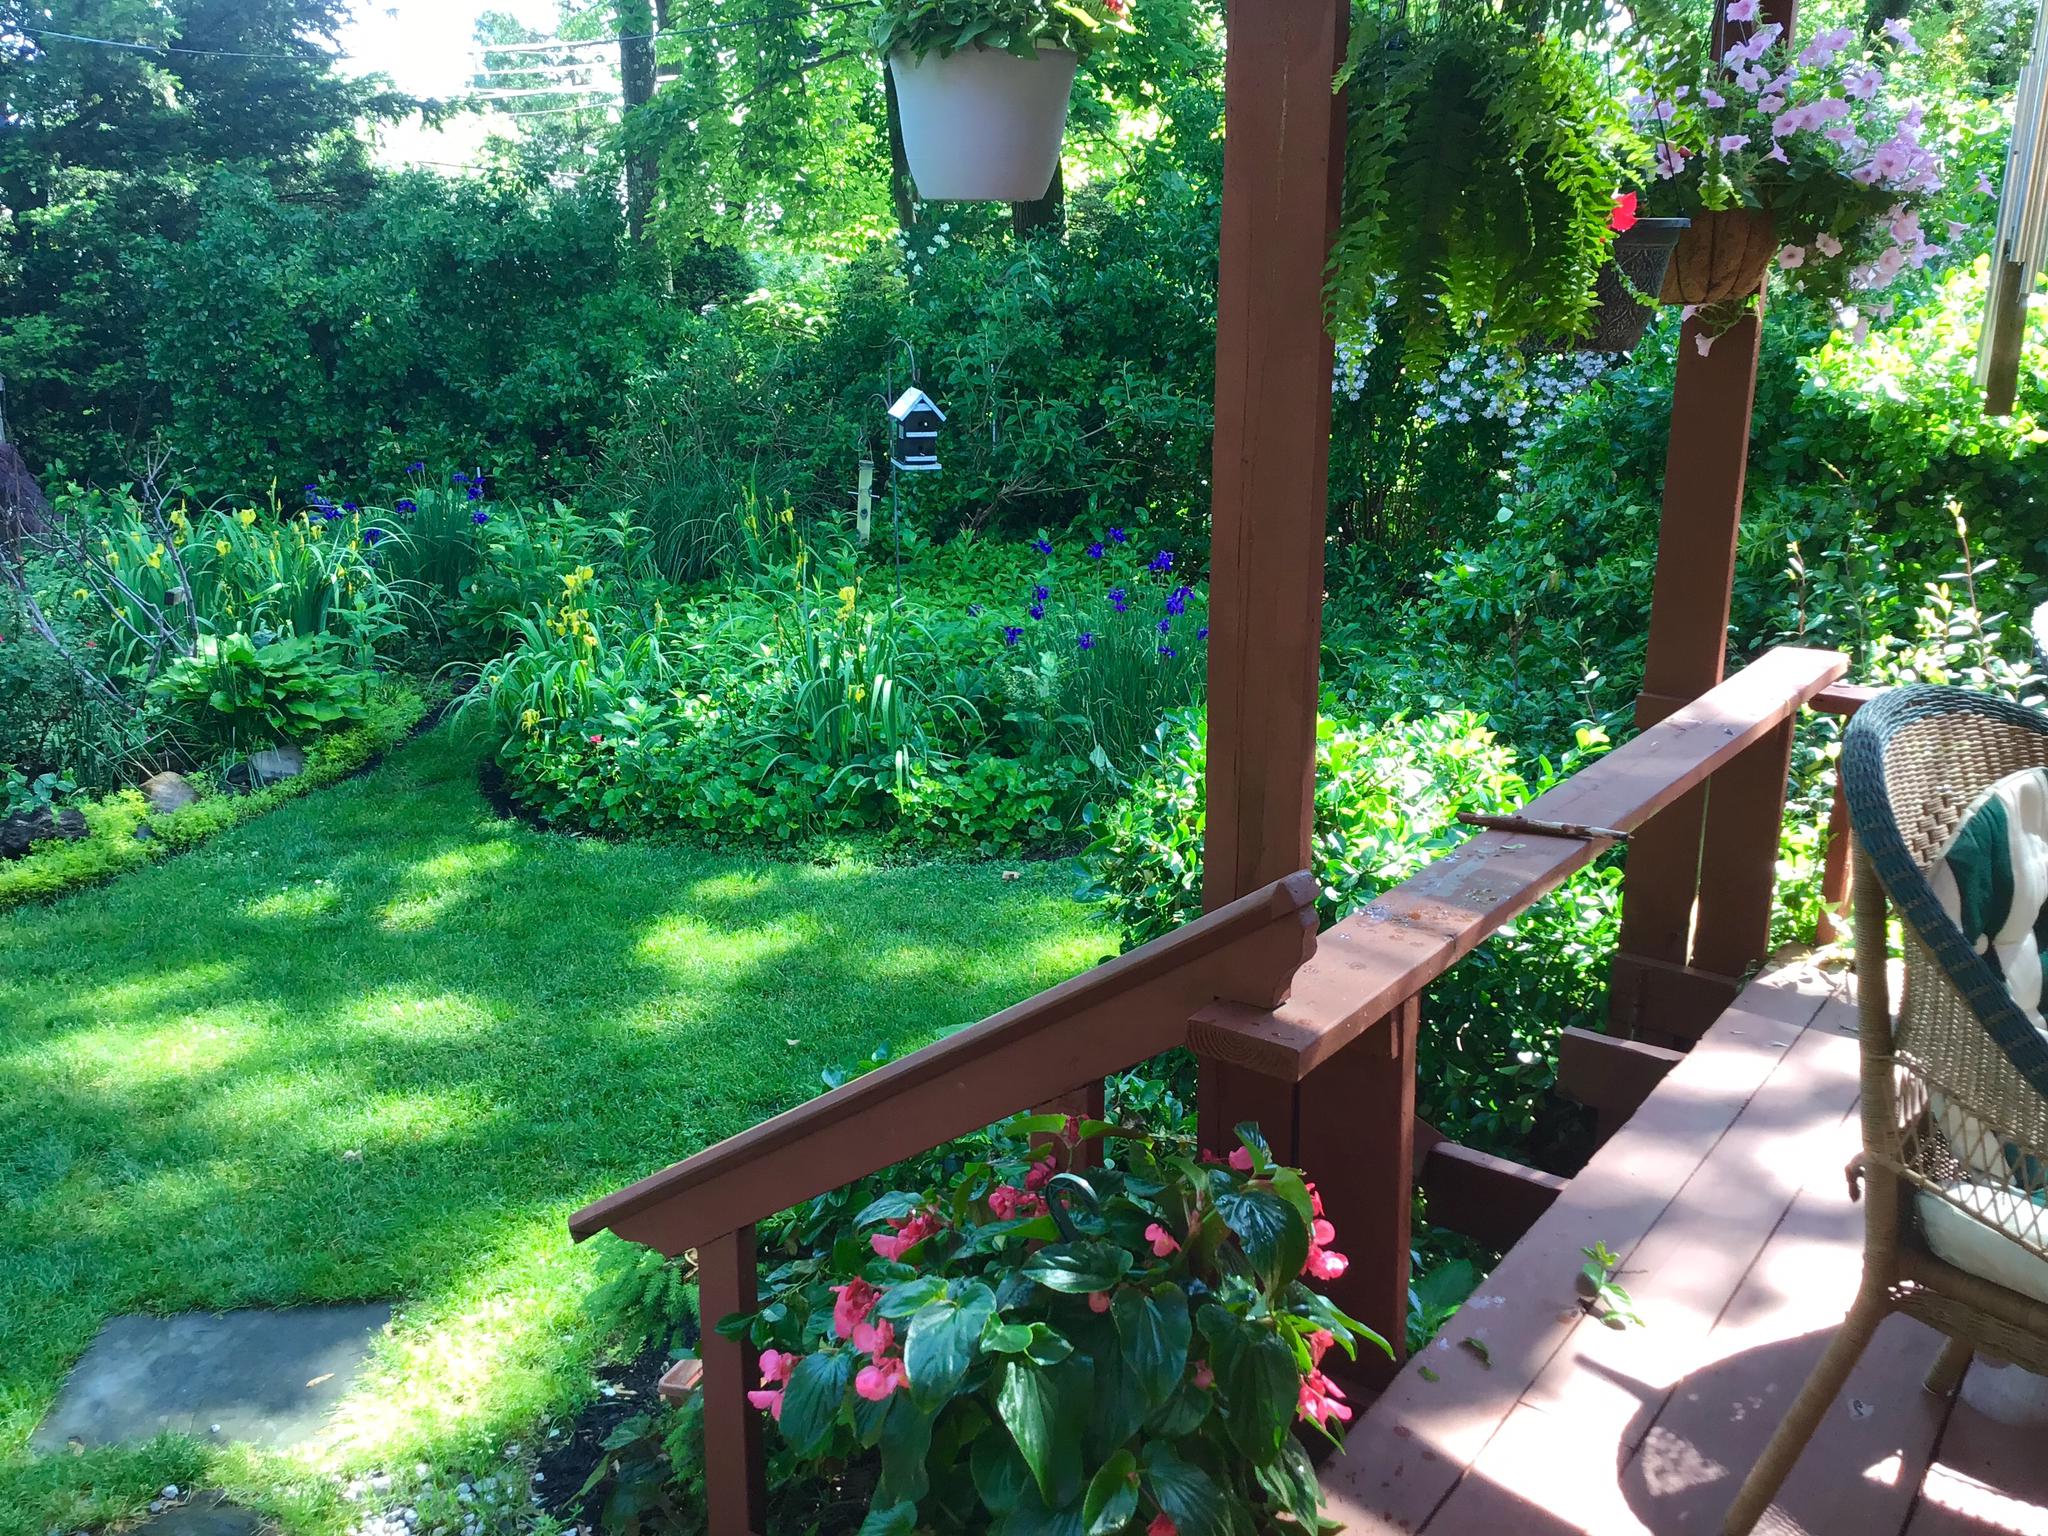 This mornings garden-10a06789-dcb8-4541-b9de-752dc507874a.png